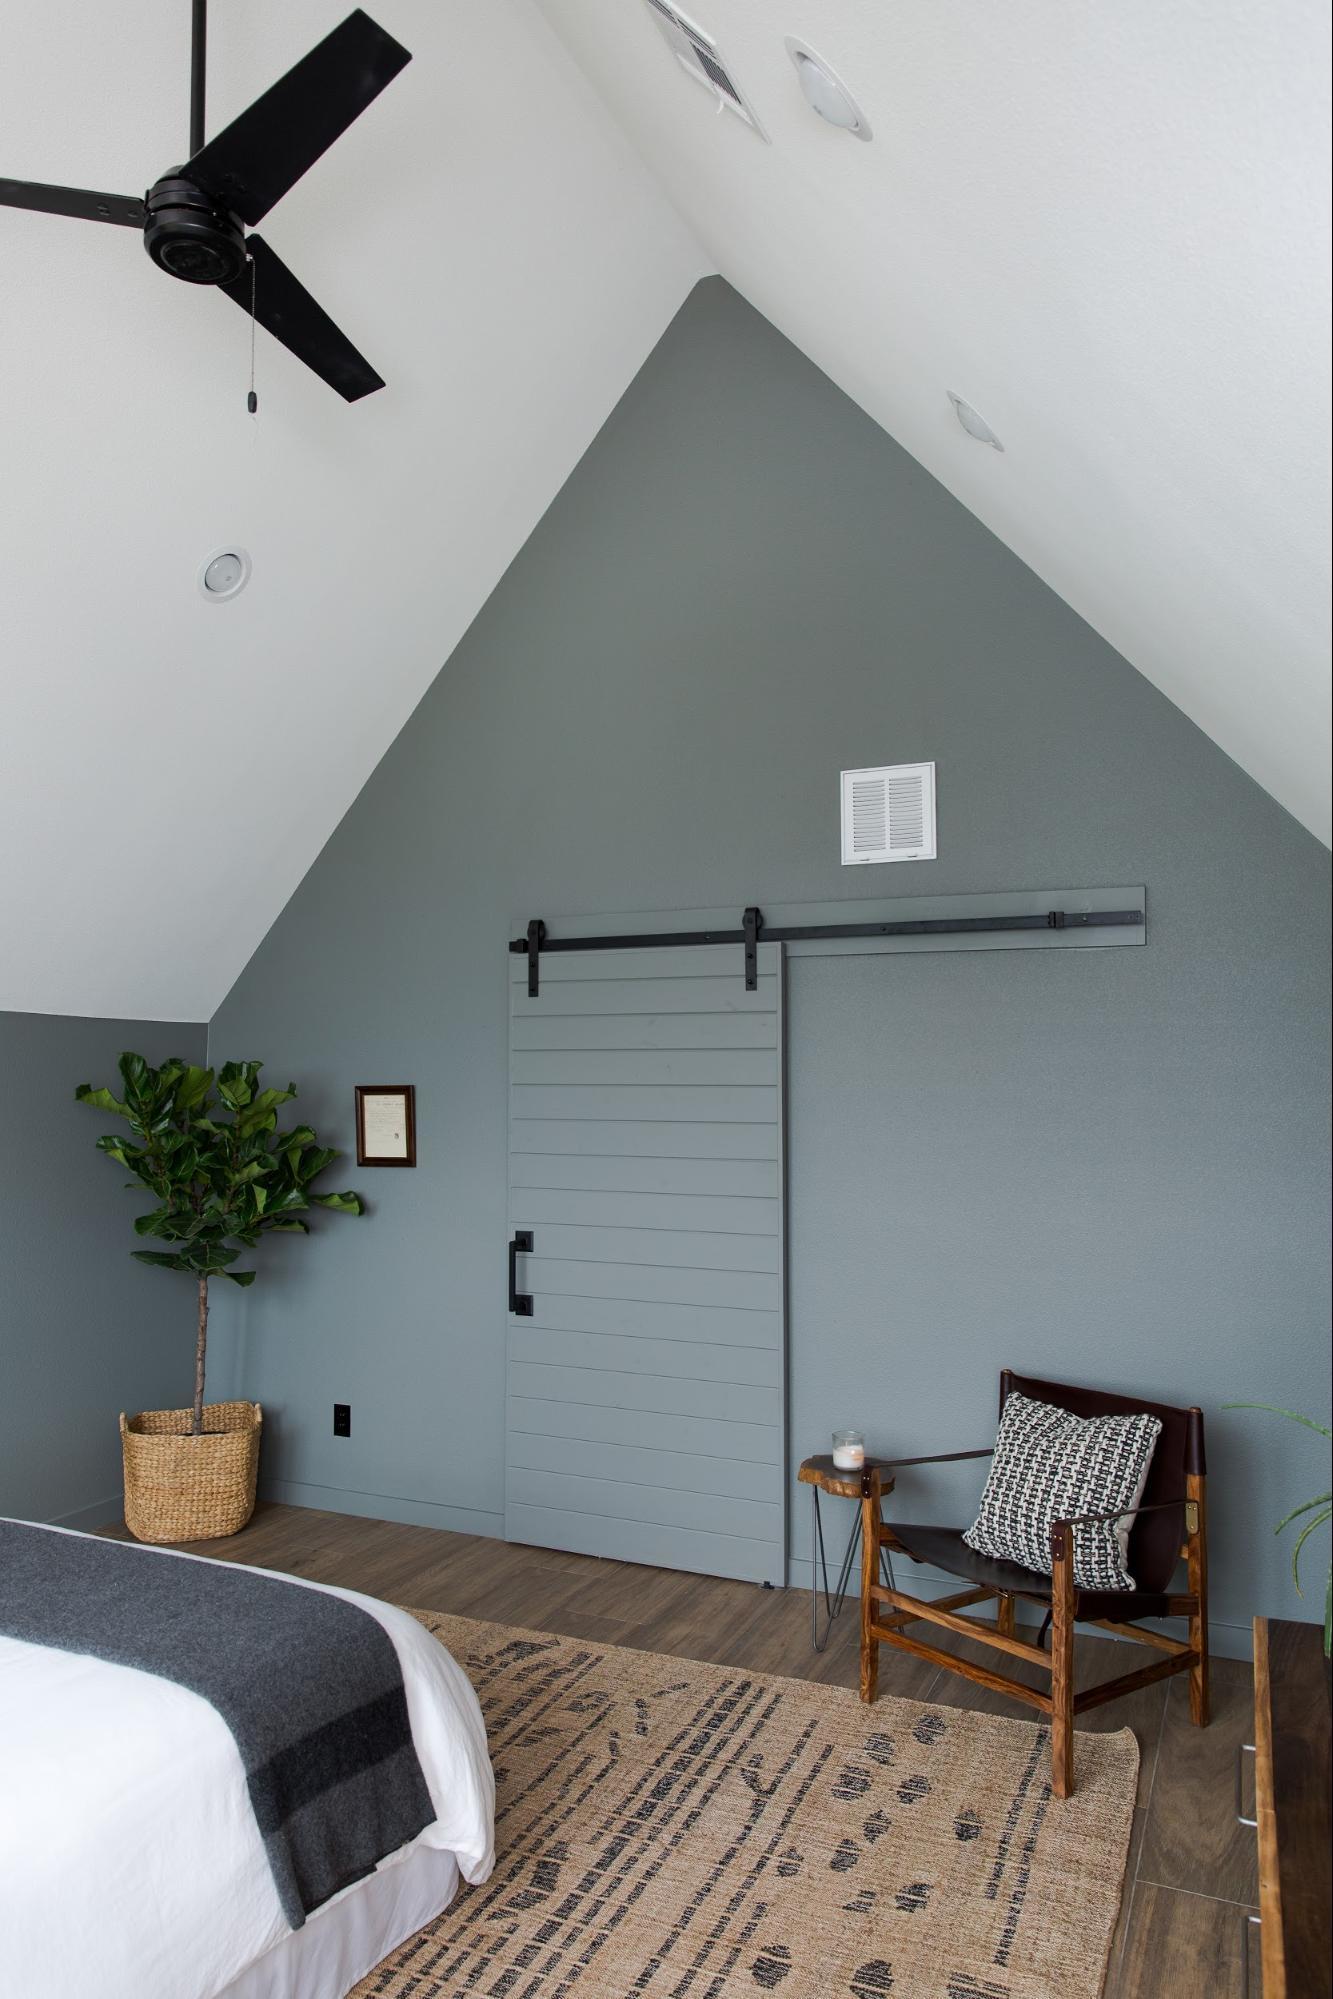 Deze slaapkamer is een stuk ruimtelijker en lichter geworden na de verbouwing